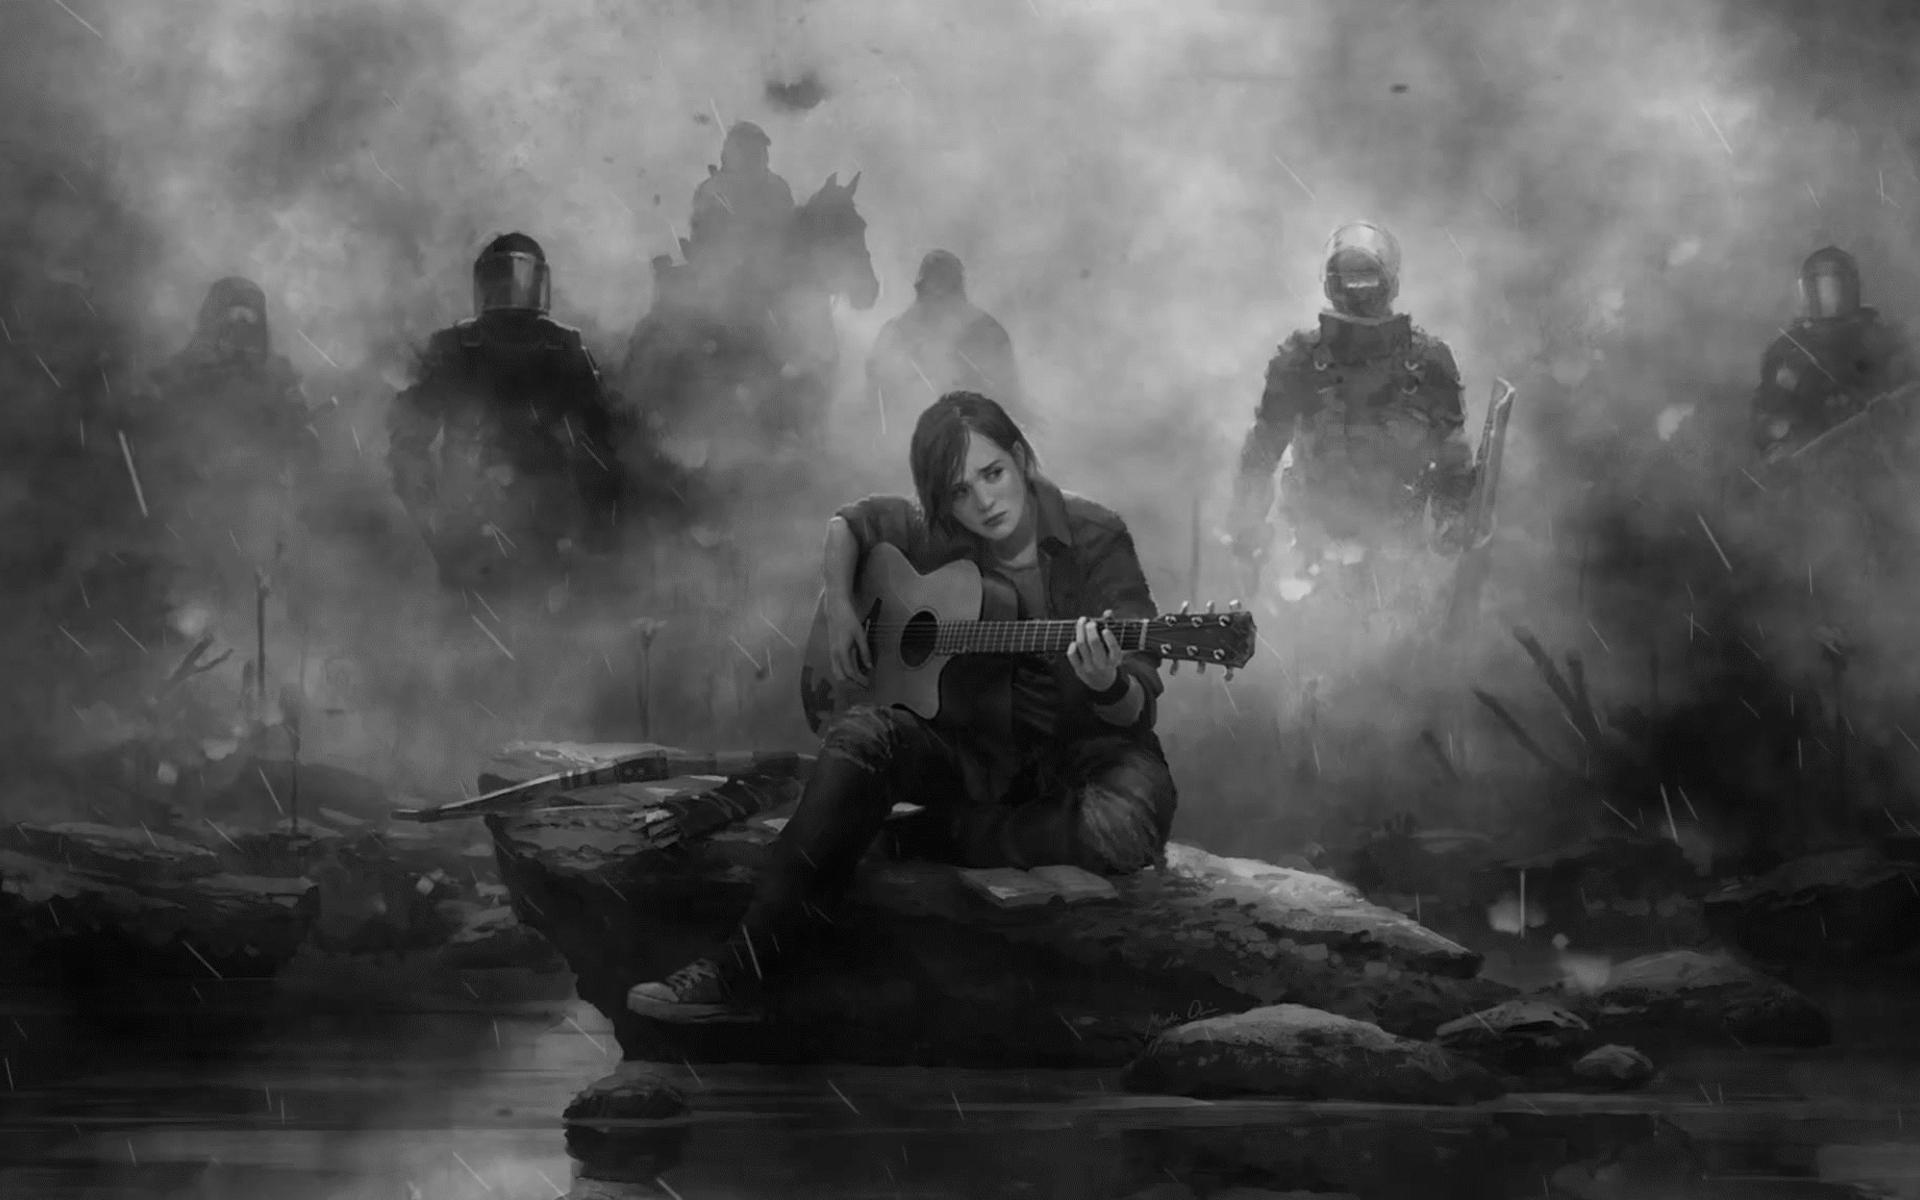 1920x1200 Ellie The Last Of Us Part 2 Guitar Monochrome 1080p